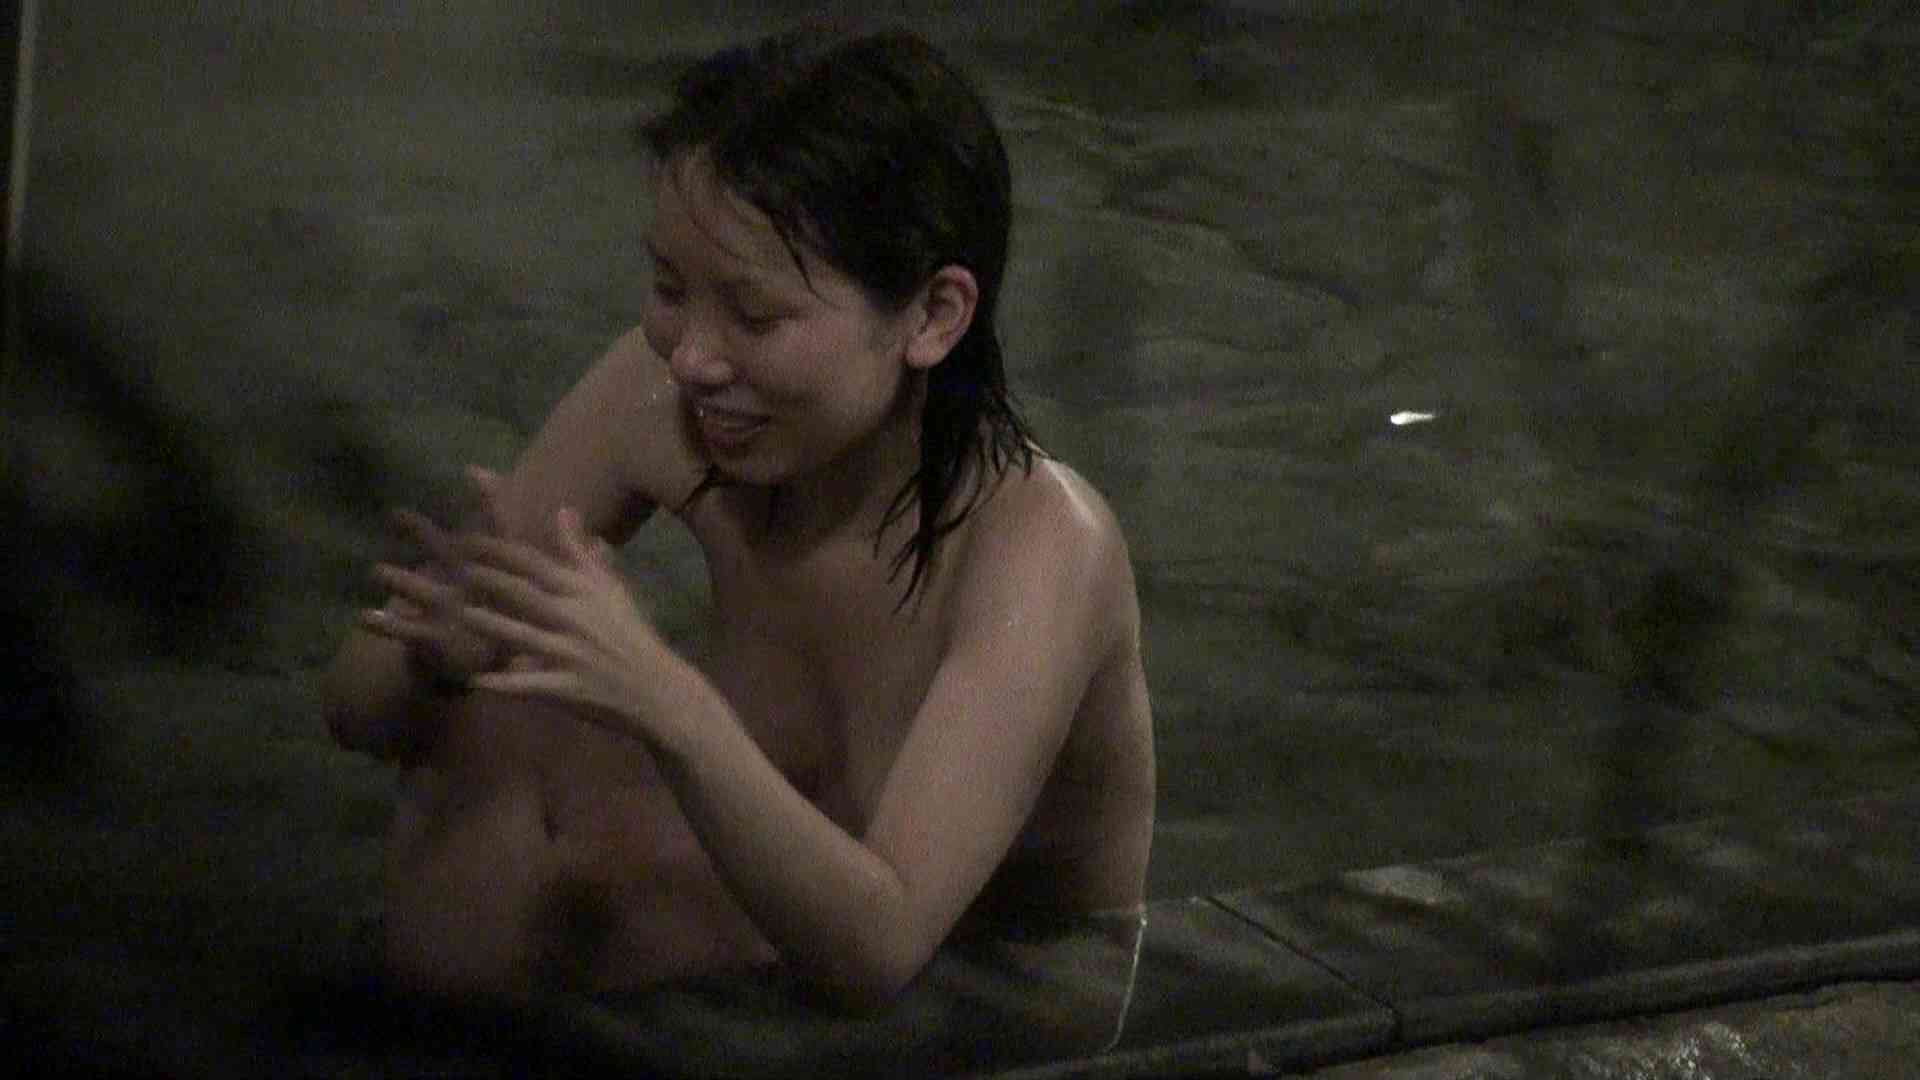 Aquaな露天風呂Vol.363 0  82pic 48